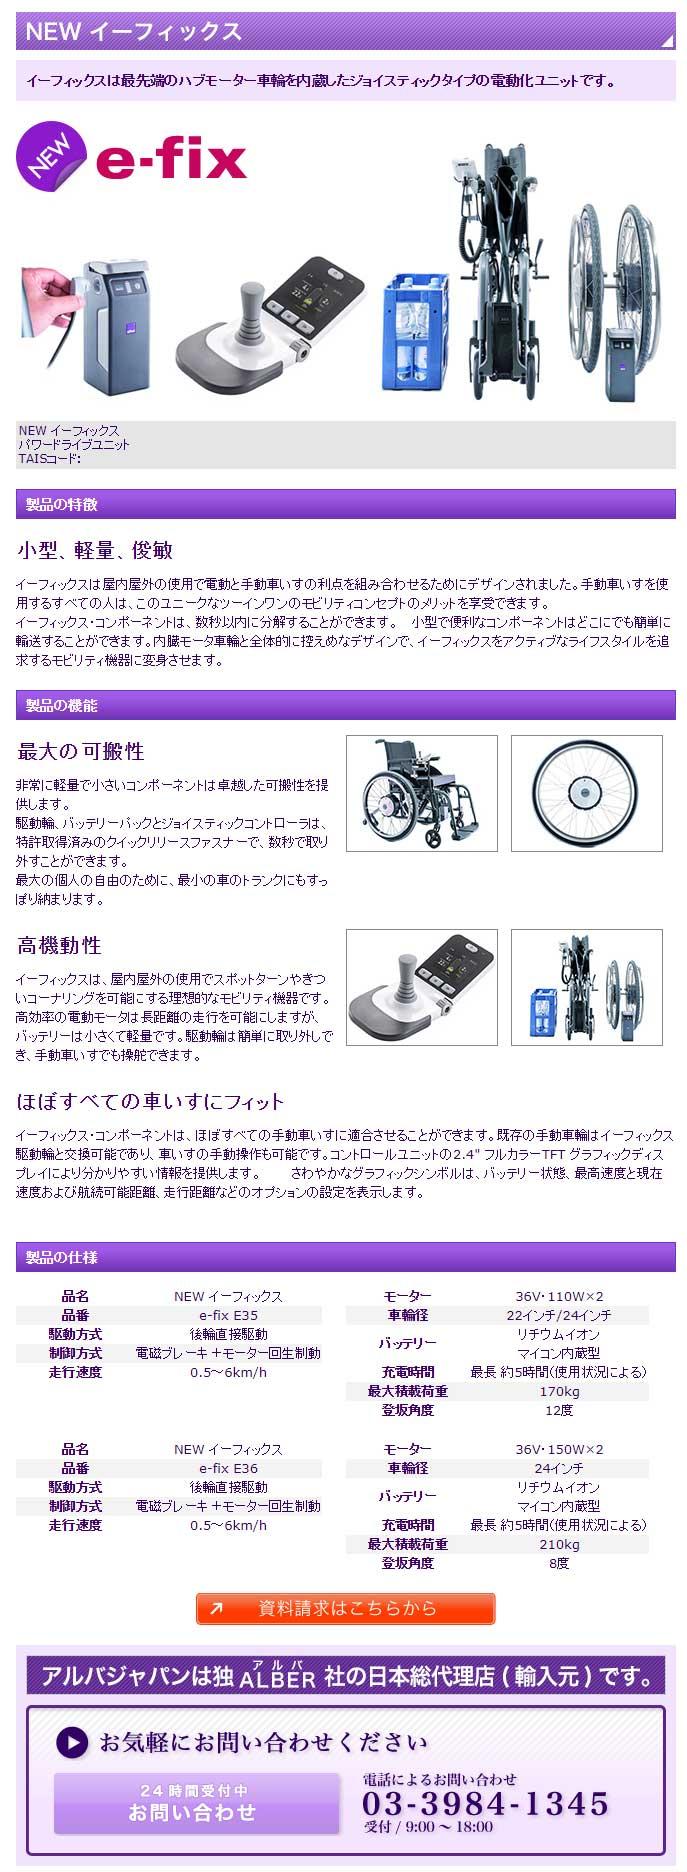 【福祉機器】手動車いす電動ユニット【アタッチメント編】alber e-fix2